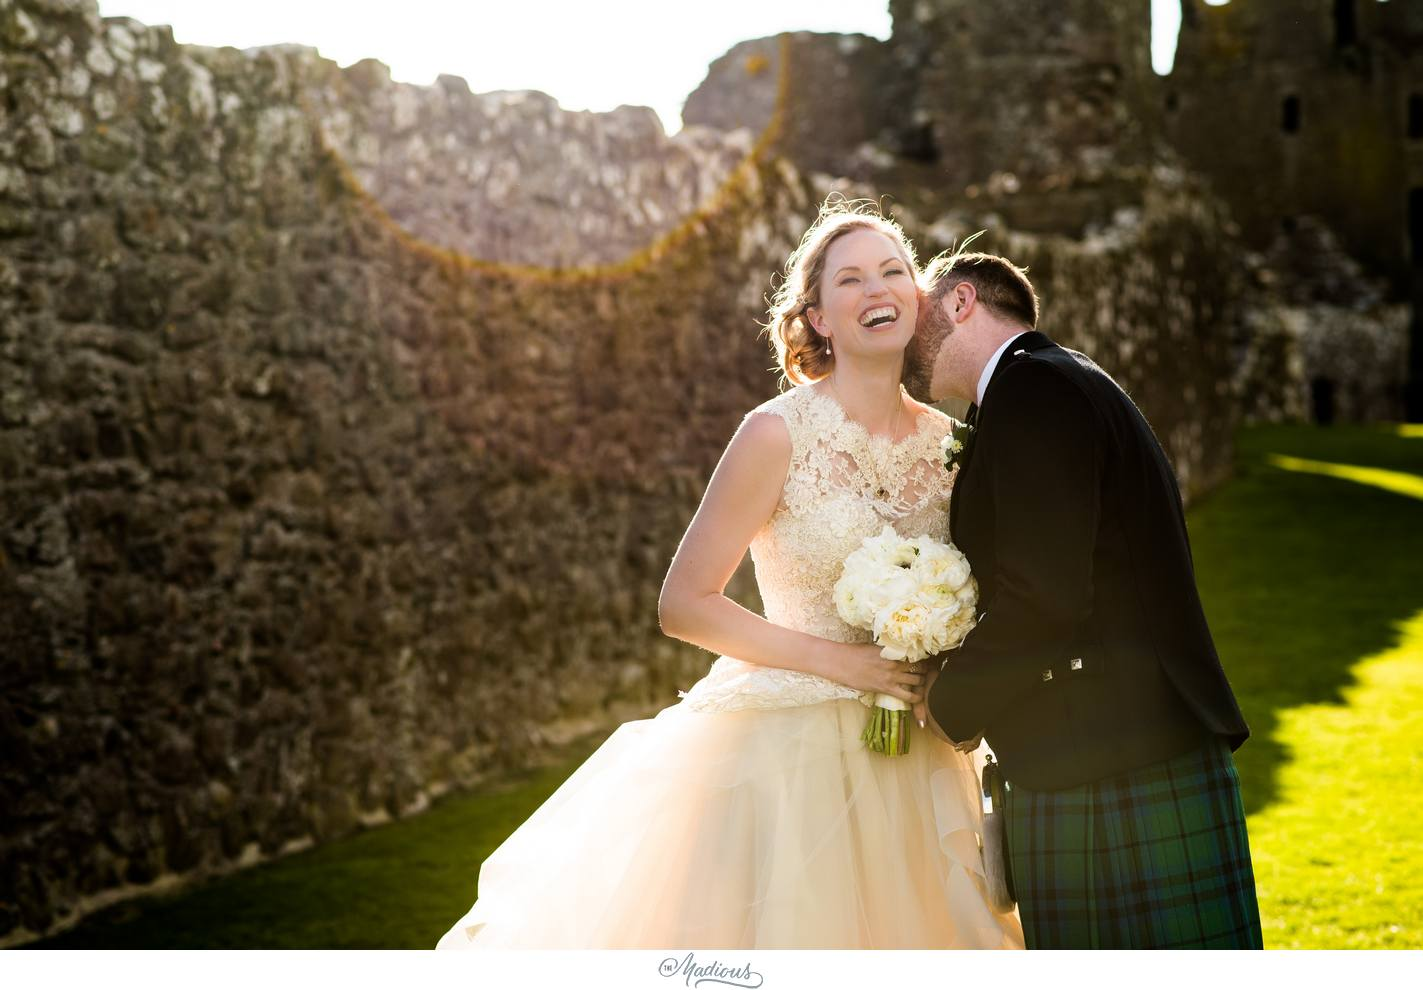 Balbegno_Dunnotar_Castle_Scottland_Wedding_41.jpg